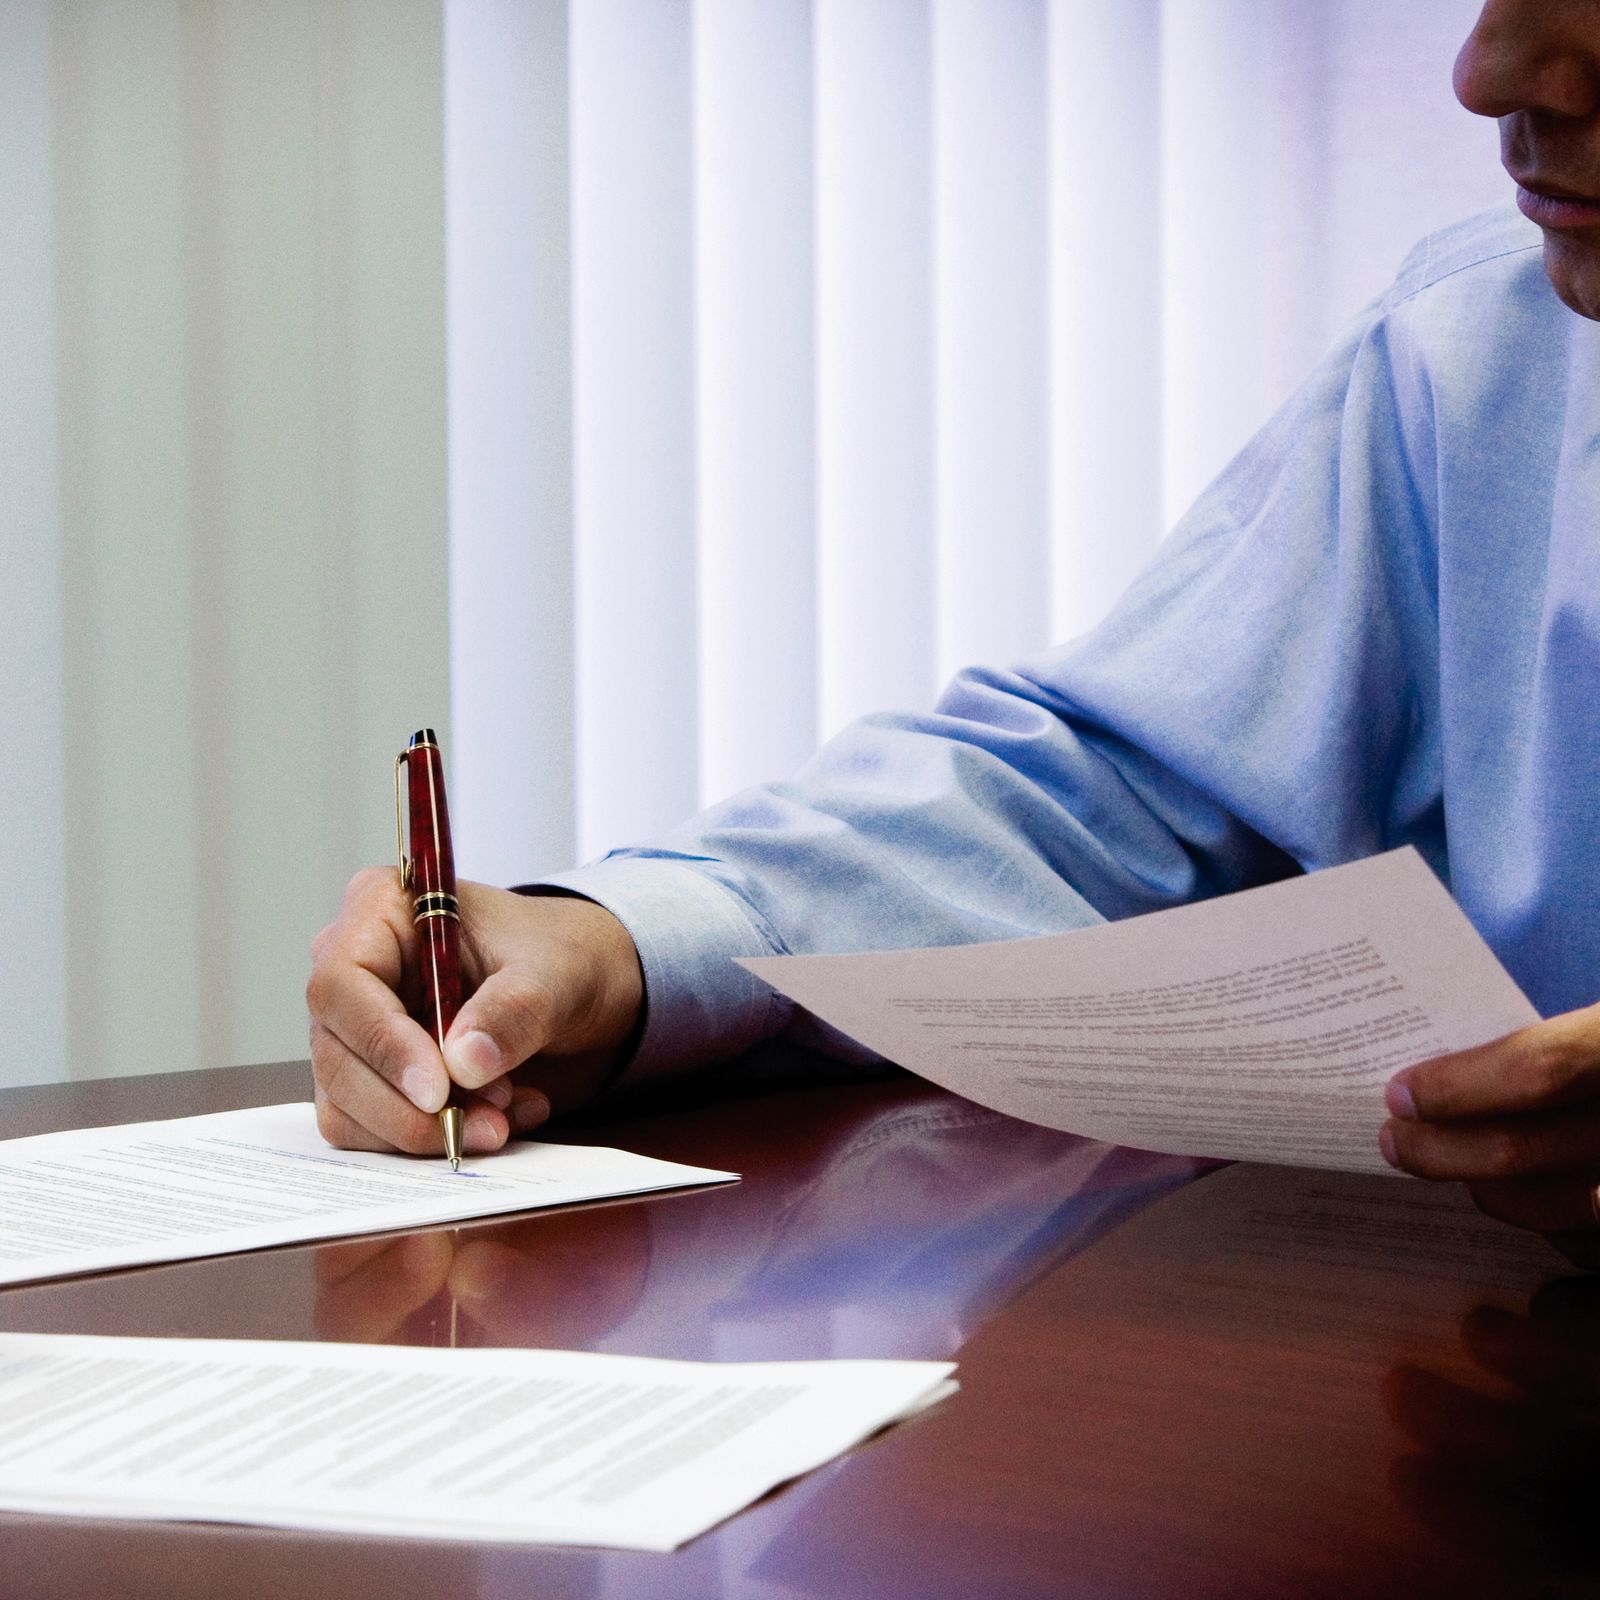 NICHT MEHR VERWENDEN! - Schreiben / Stift / Zettel / Unterschrift / Kommentieren / Notiz